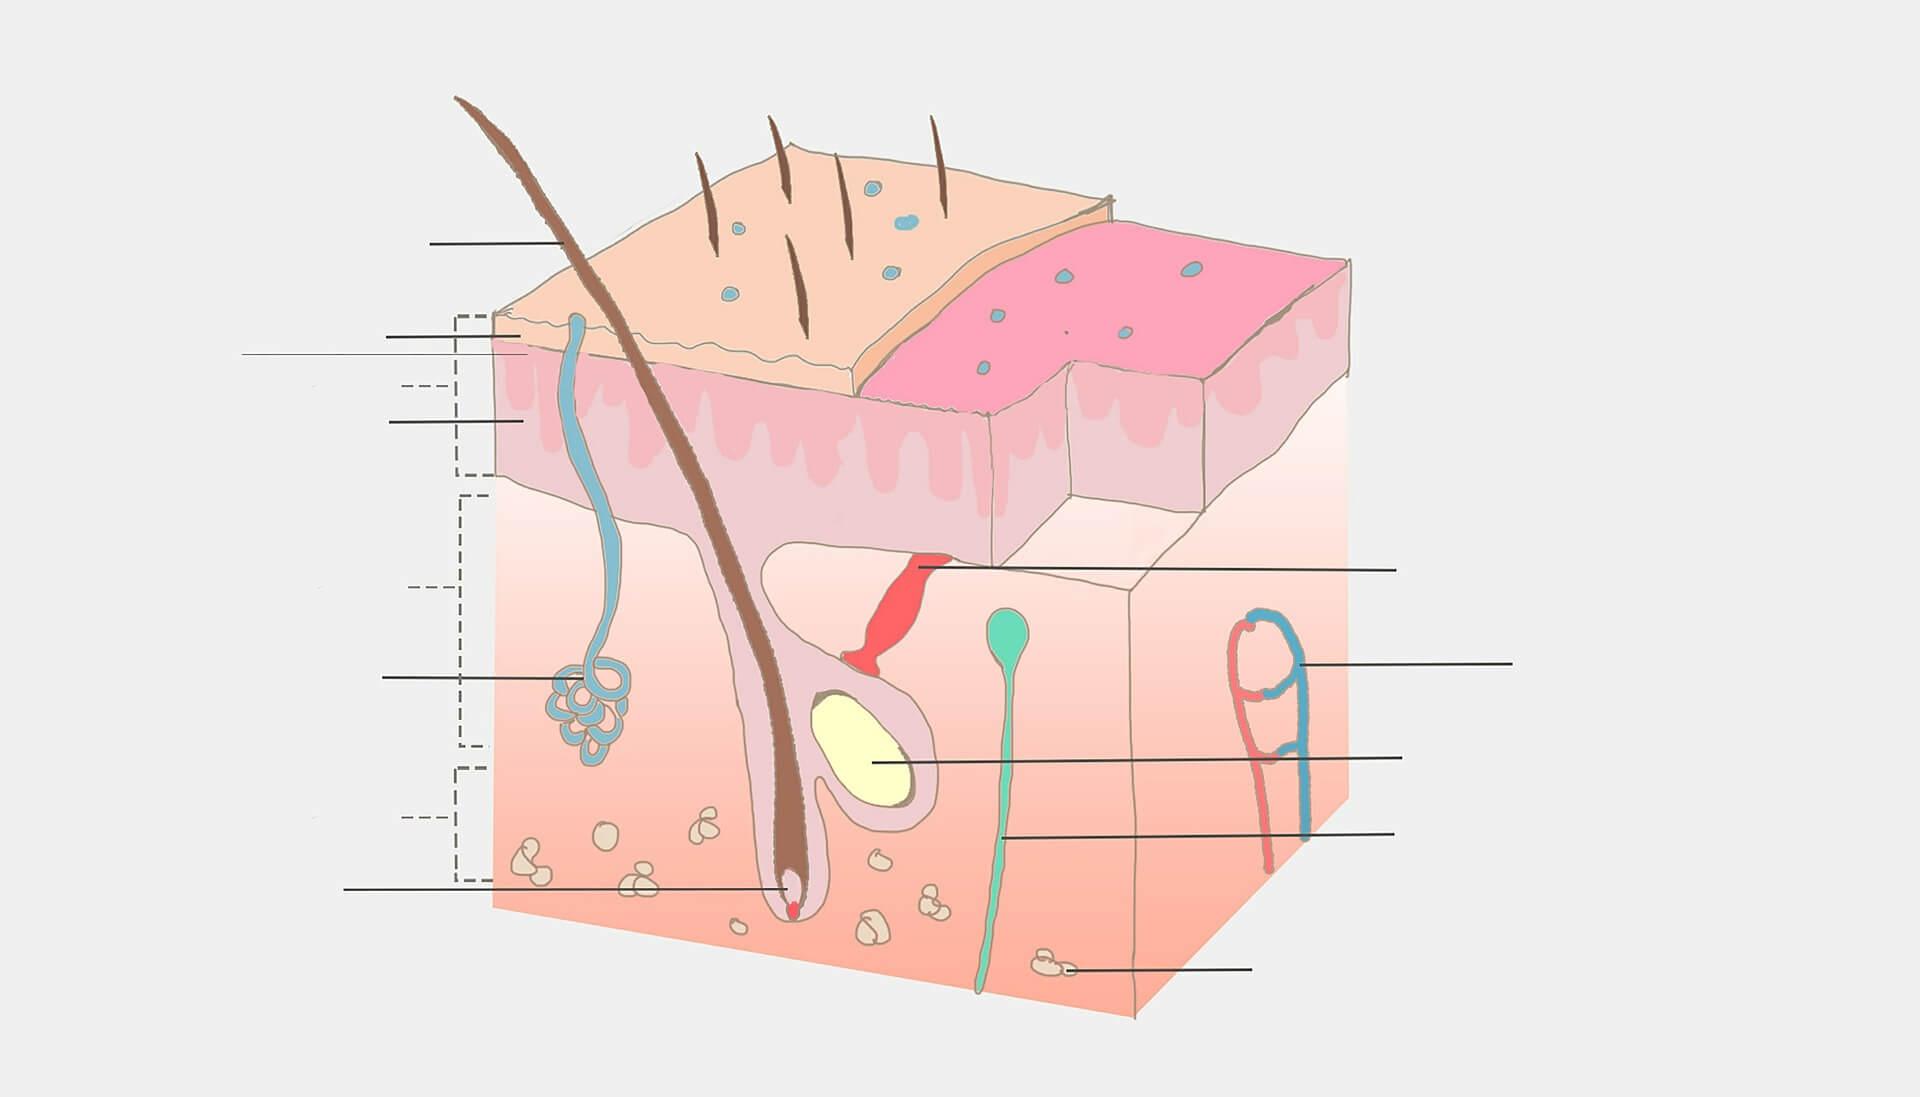 Skin found to play a role in controlling blood pressure | Proti šedi